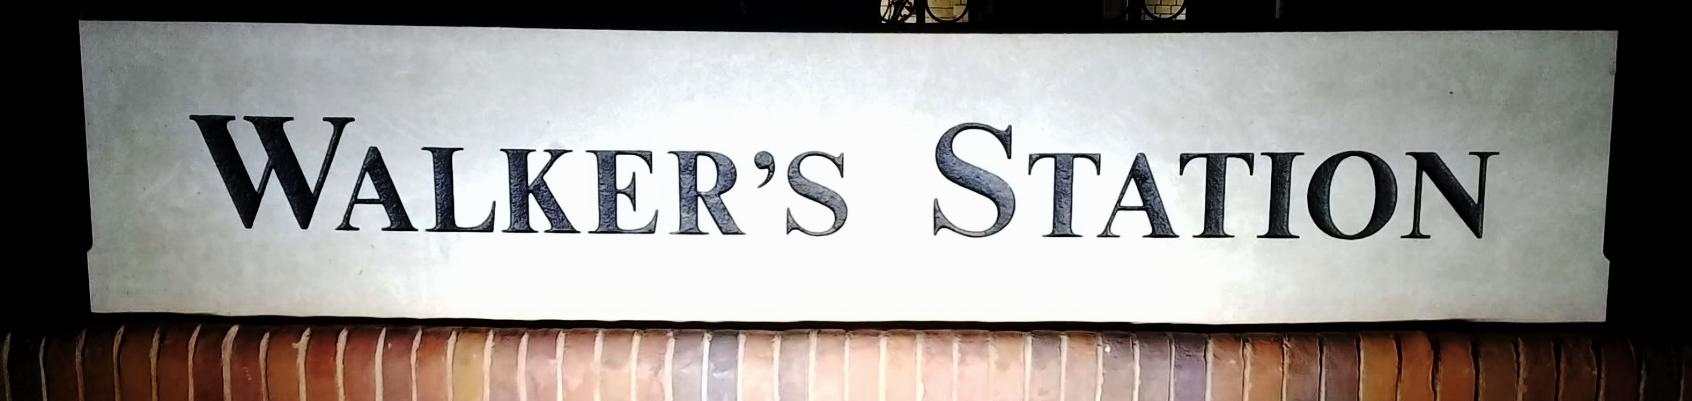 77_Walkers Station.jpg